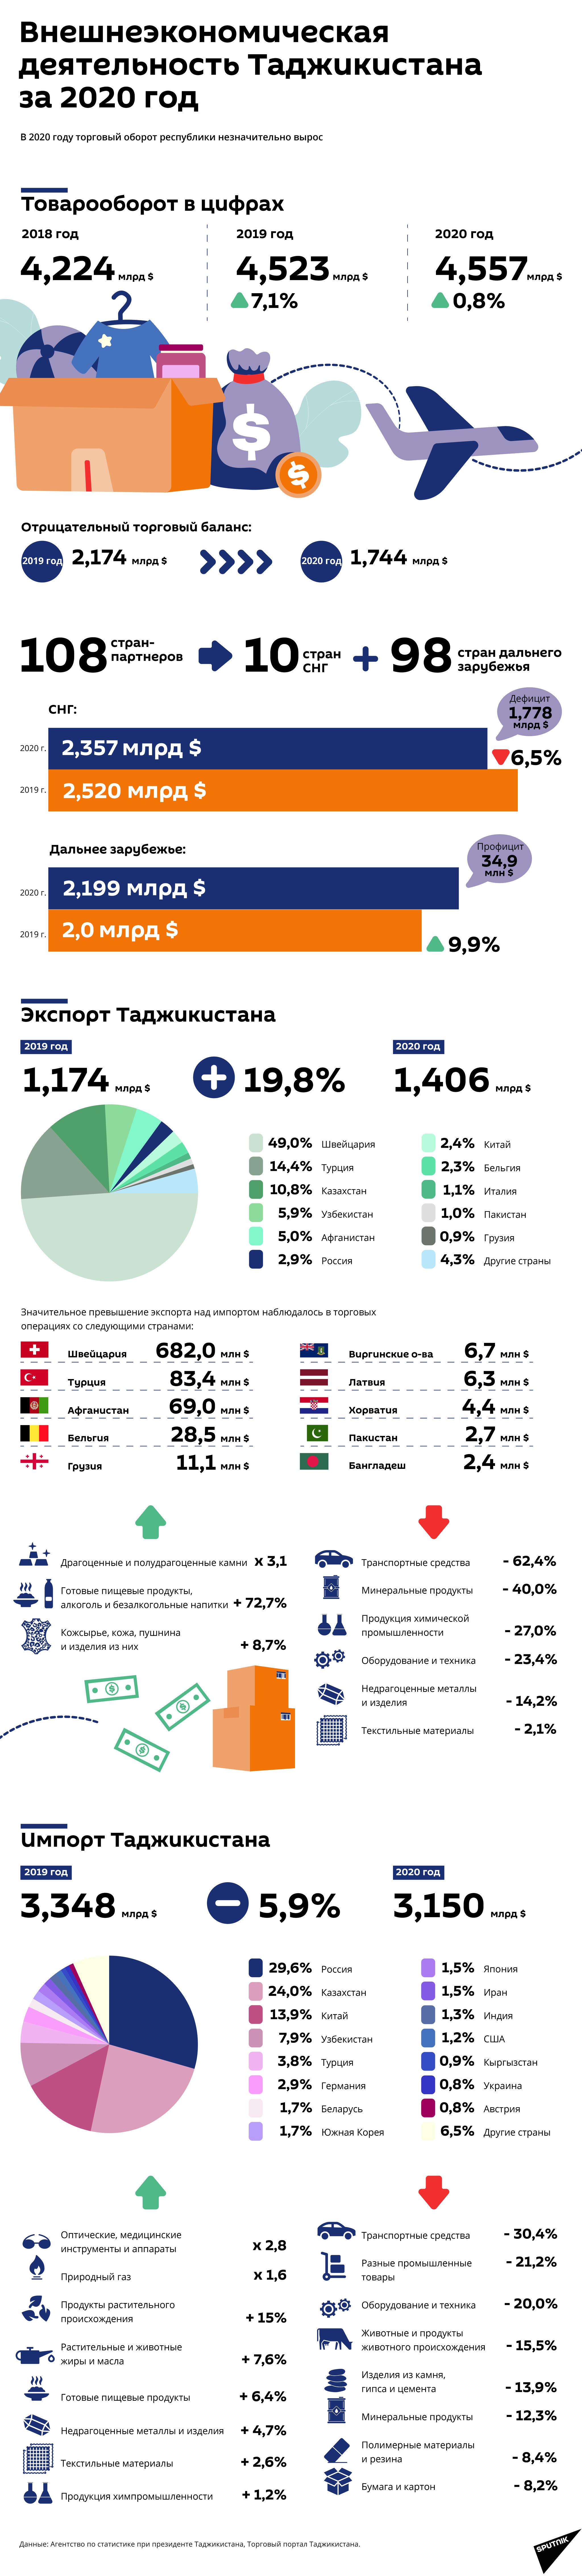 Внешнеэкономическая деятельность Таджикистана за 2020 год - Sputnik Таджикистан